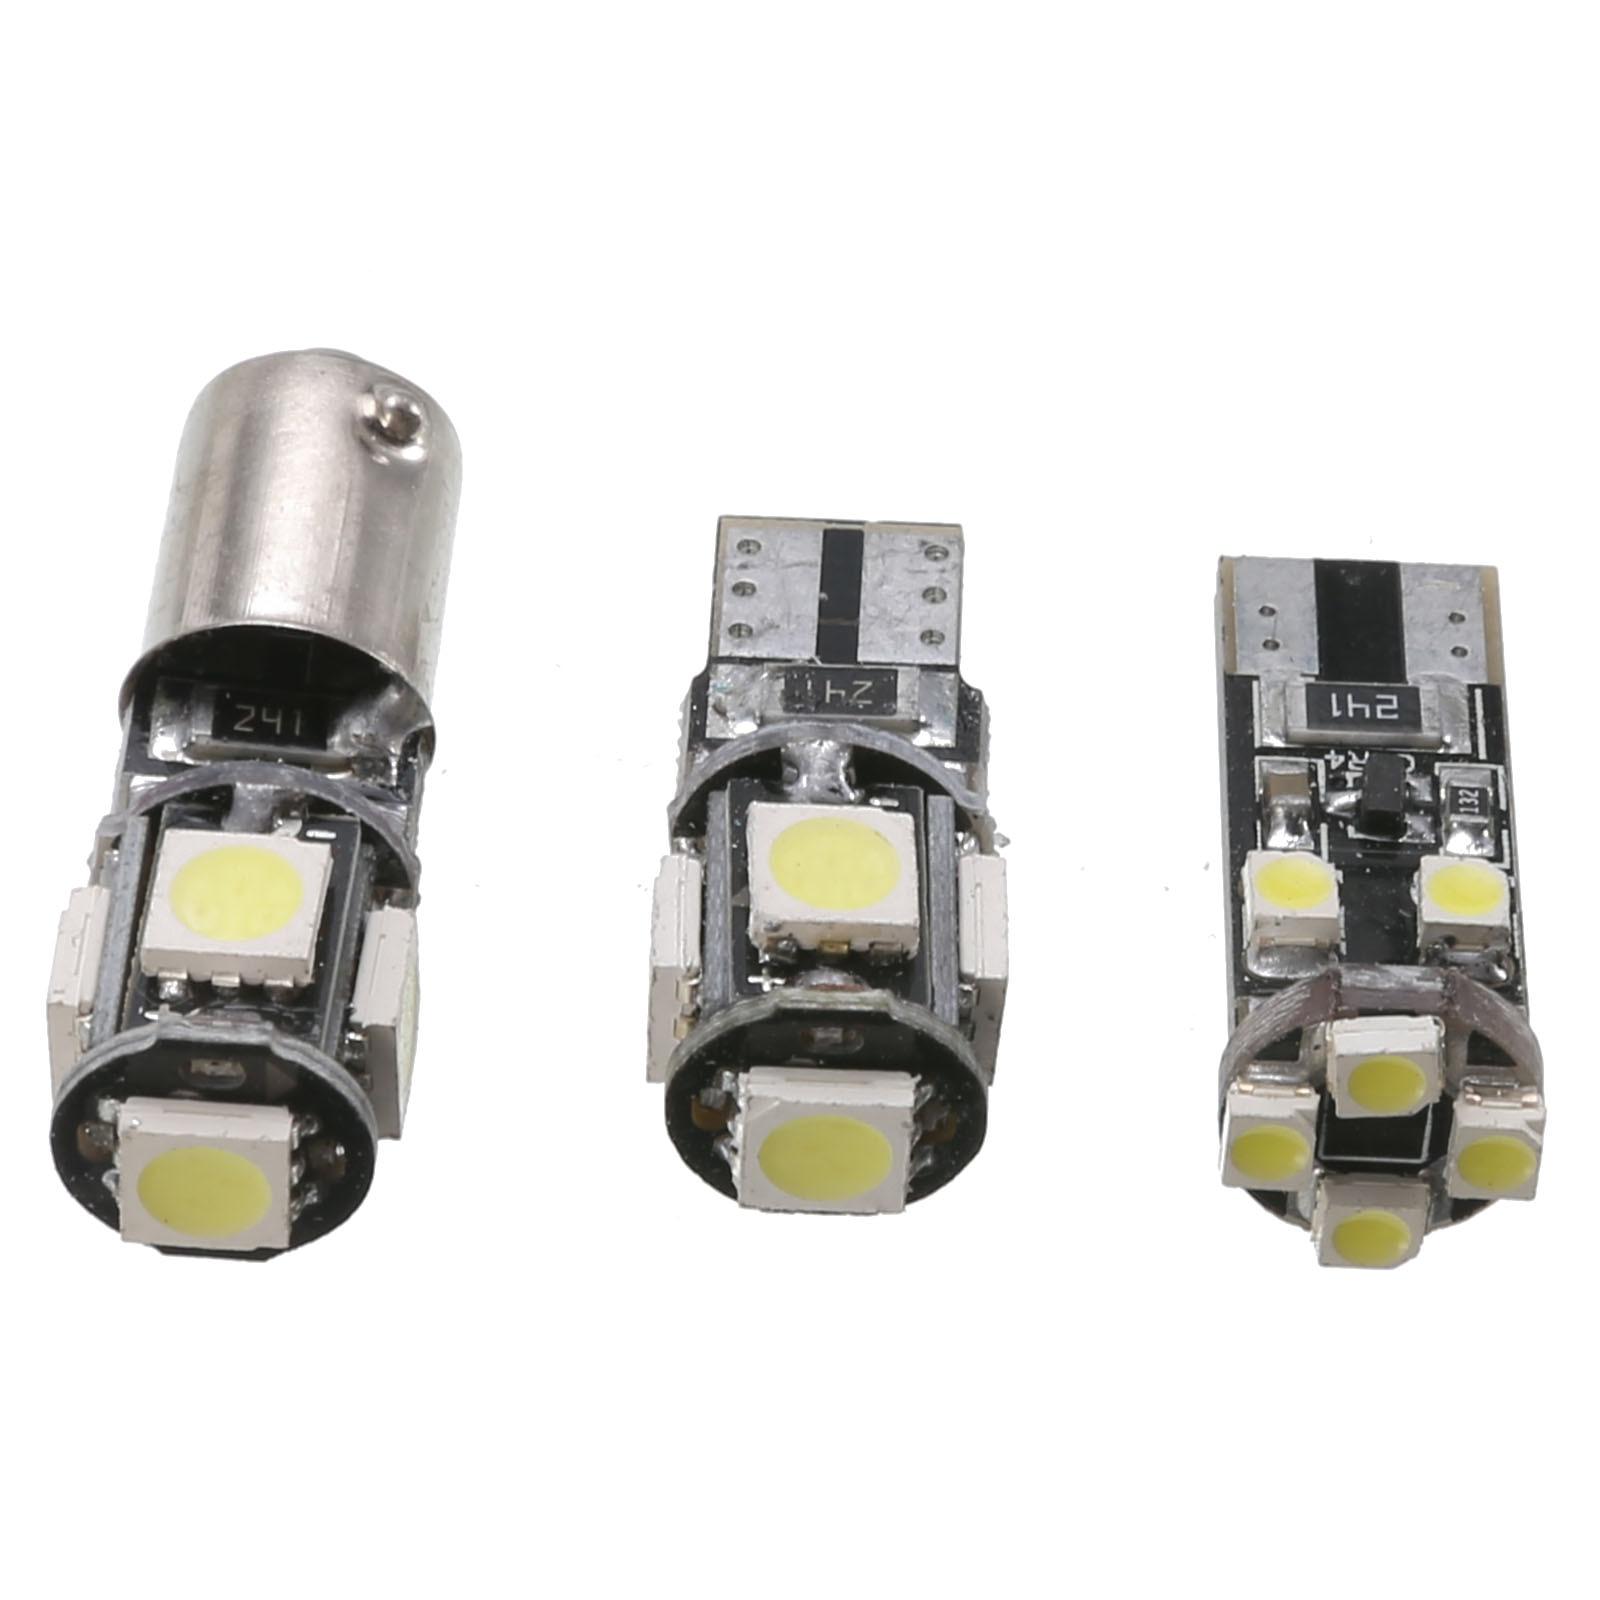 21pcs Car Interior White LED Light Bulb Kit for BMW 5 series M5 E60 E61 2004-2010 Canbus Error Free Light Replacement